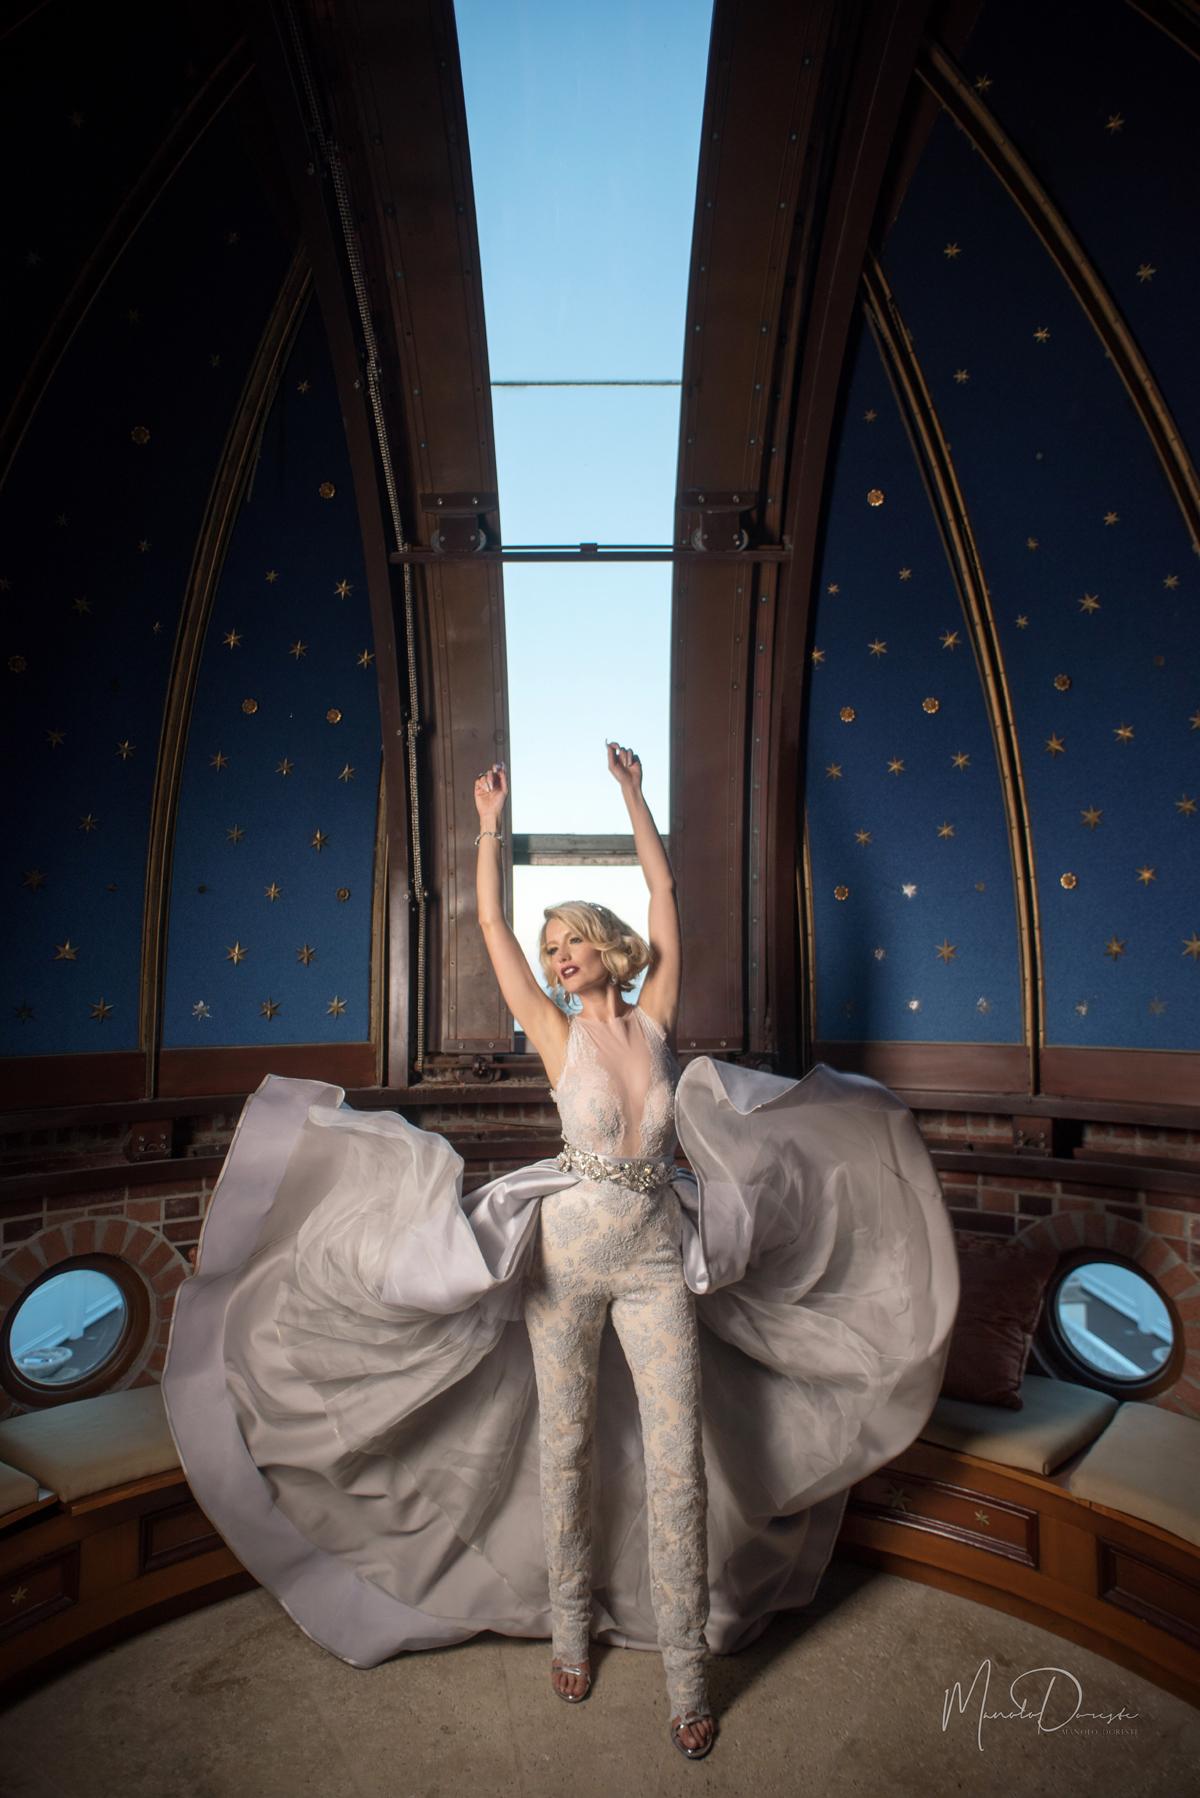 versace-mansion-wedding-manolo-doreste-10.jpg